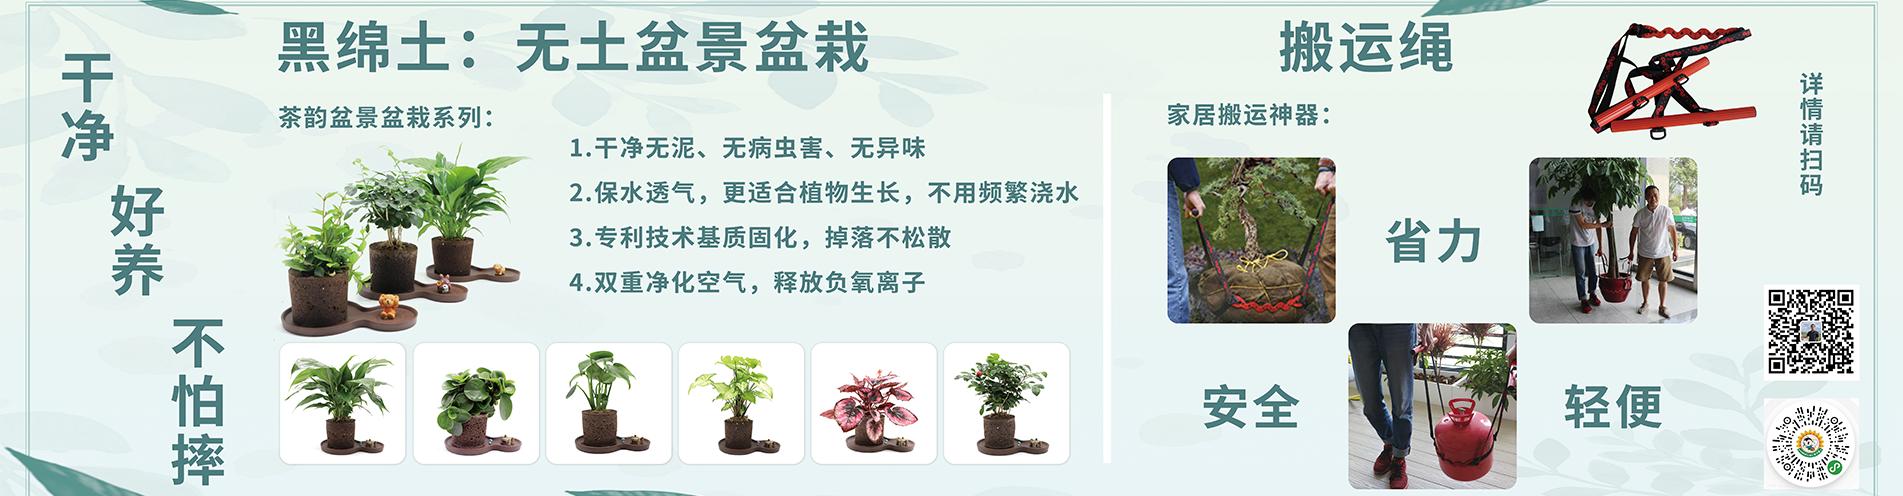 杭州云乘园艺科技有限公司